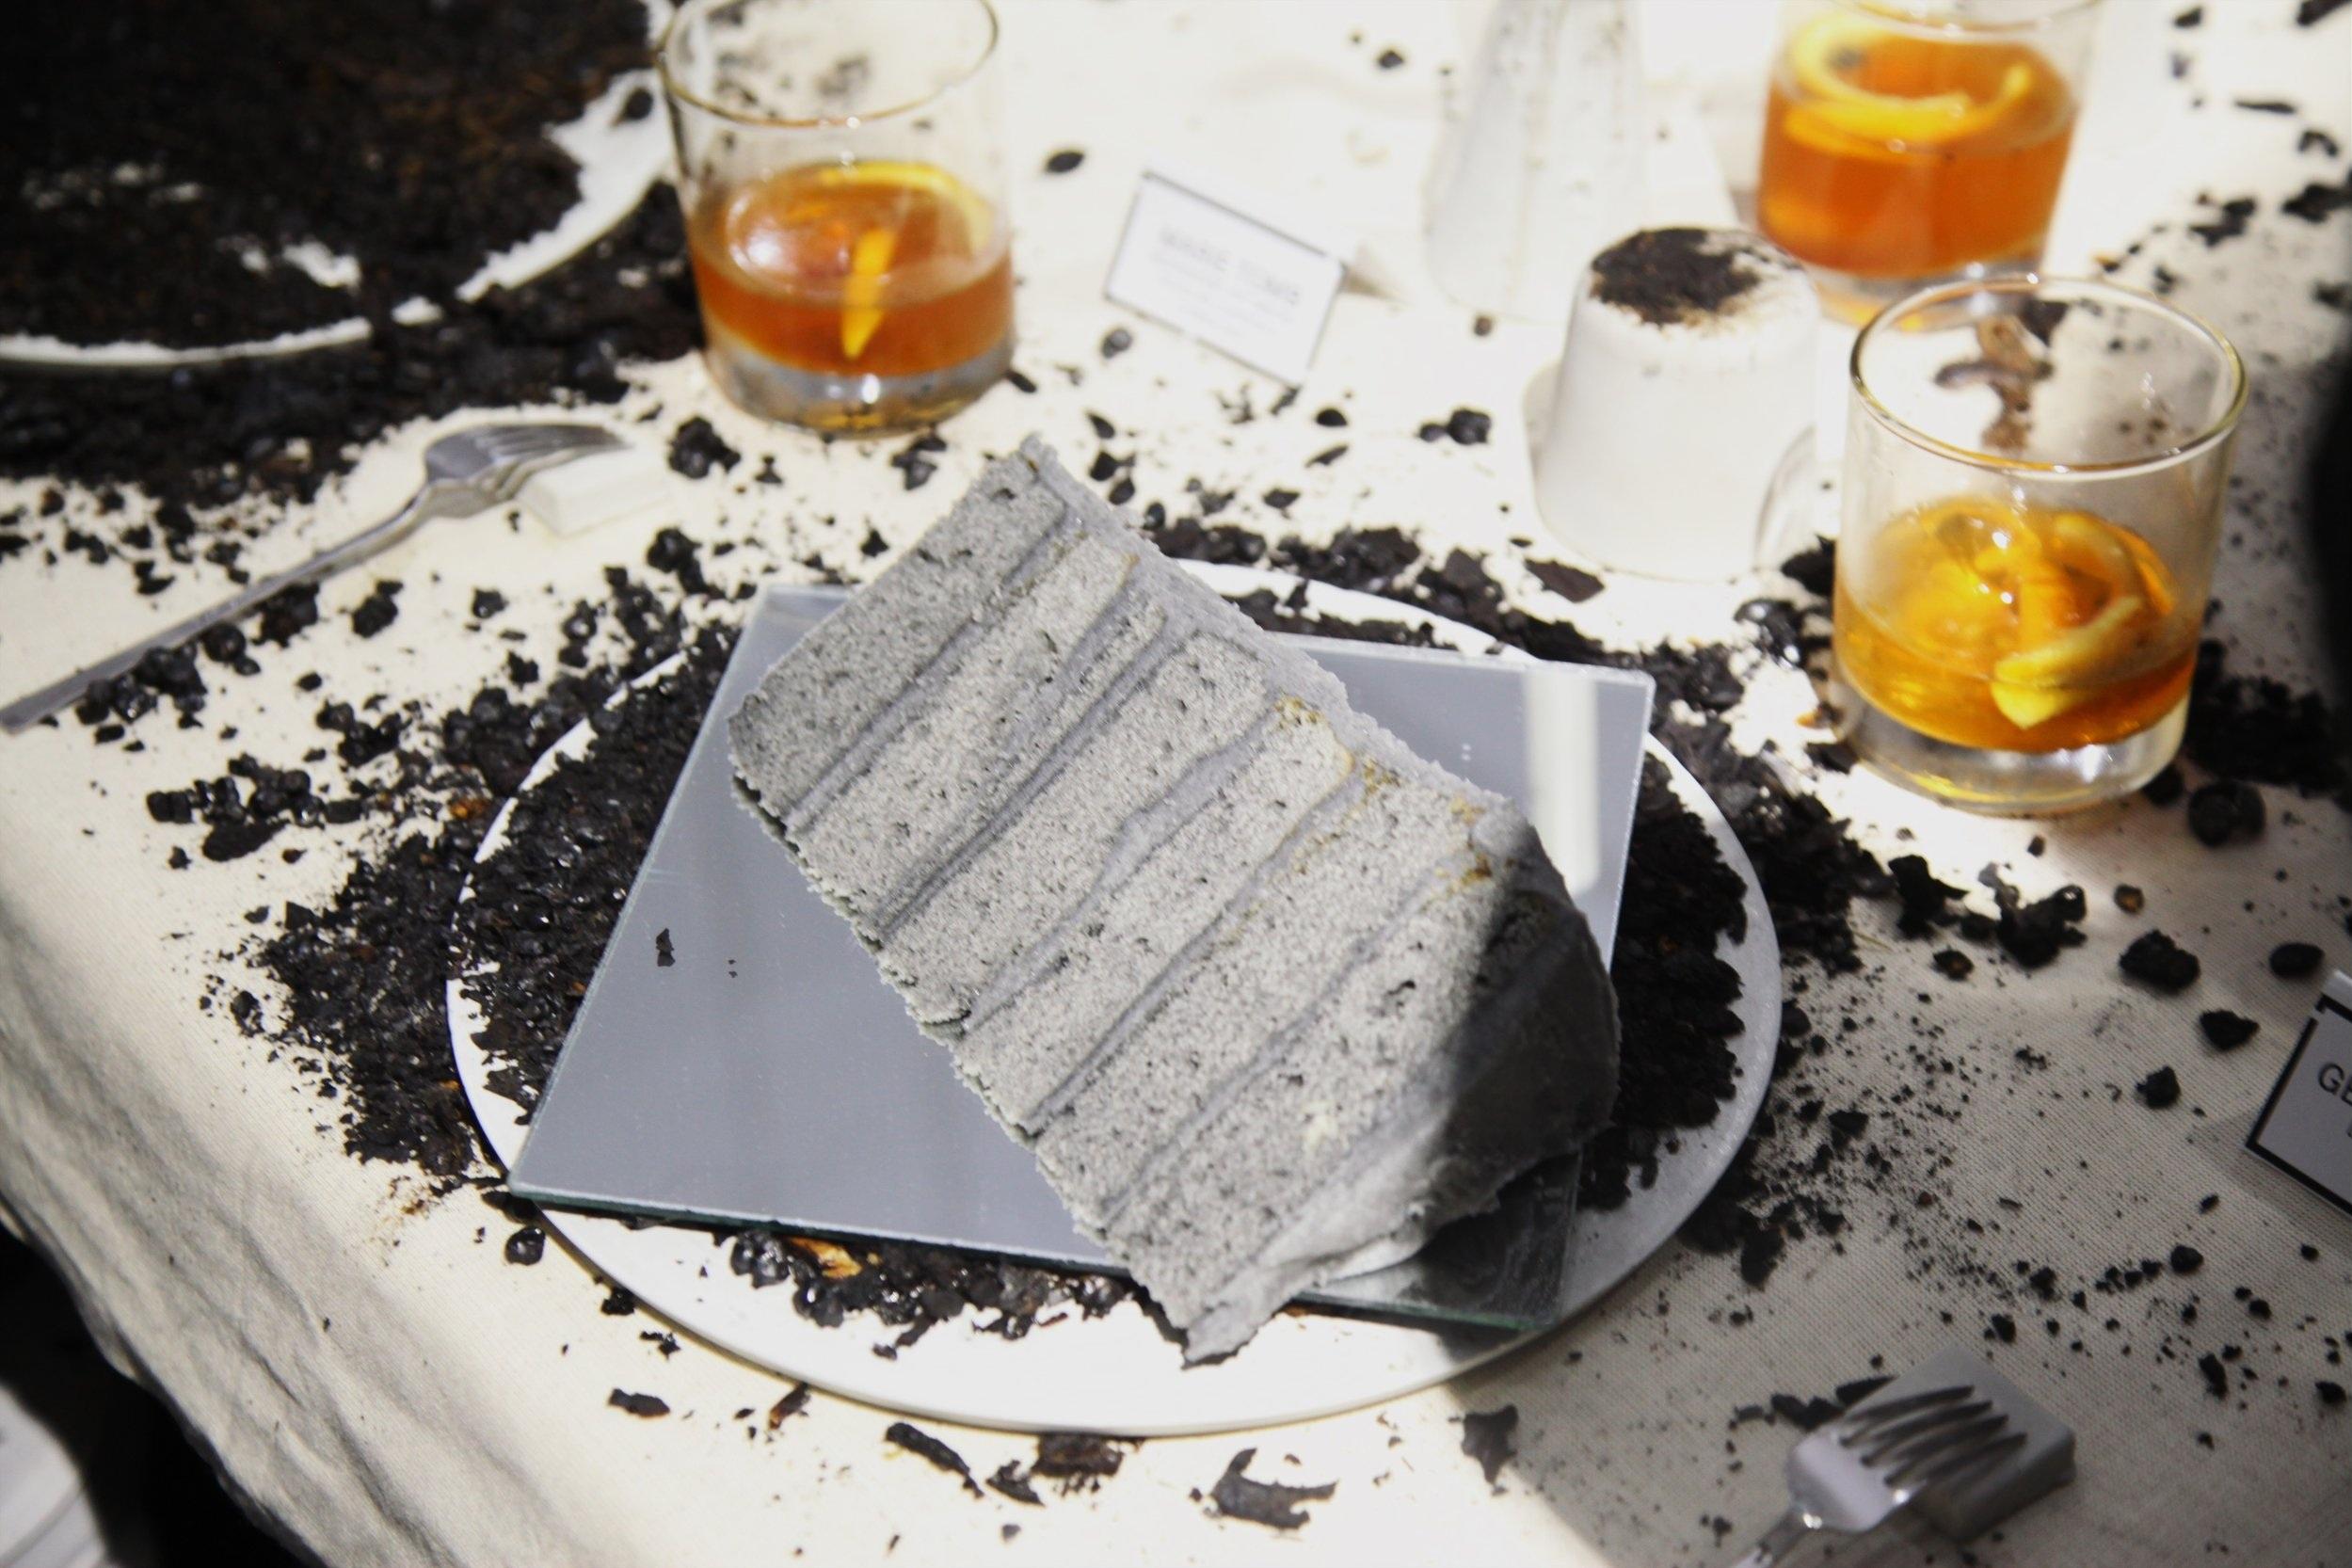 Cake_Plate01.jpg